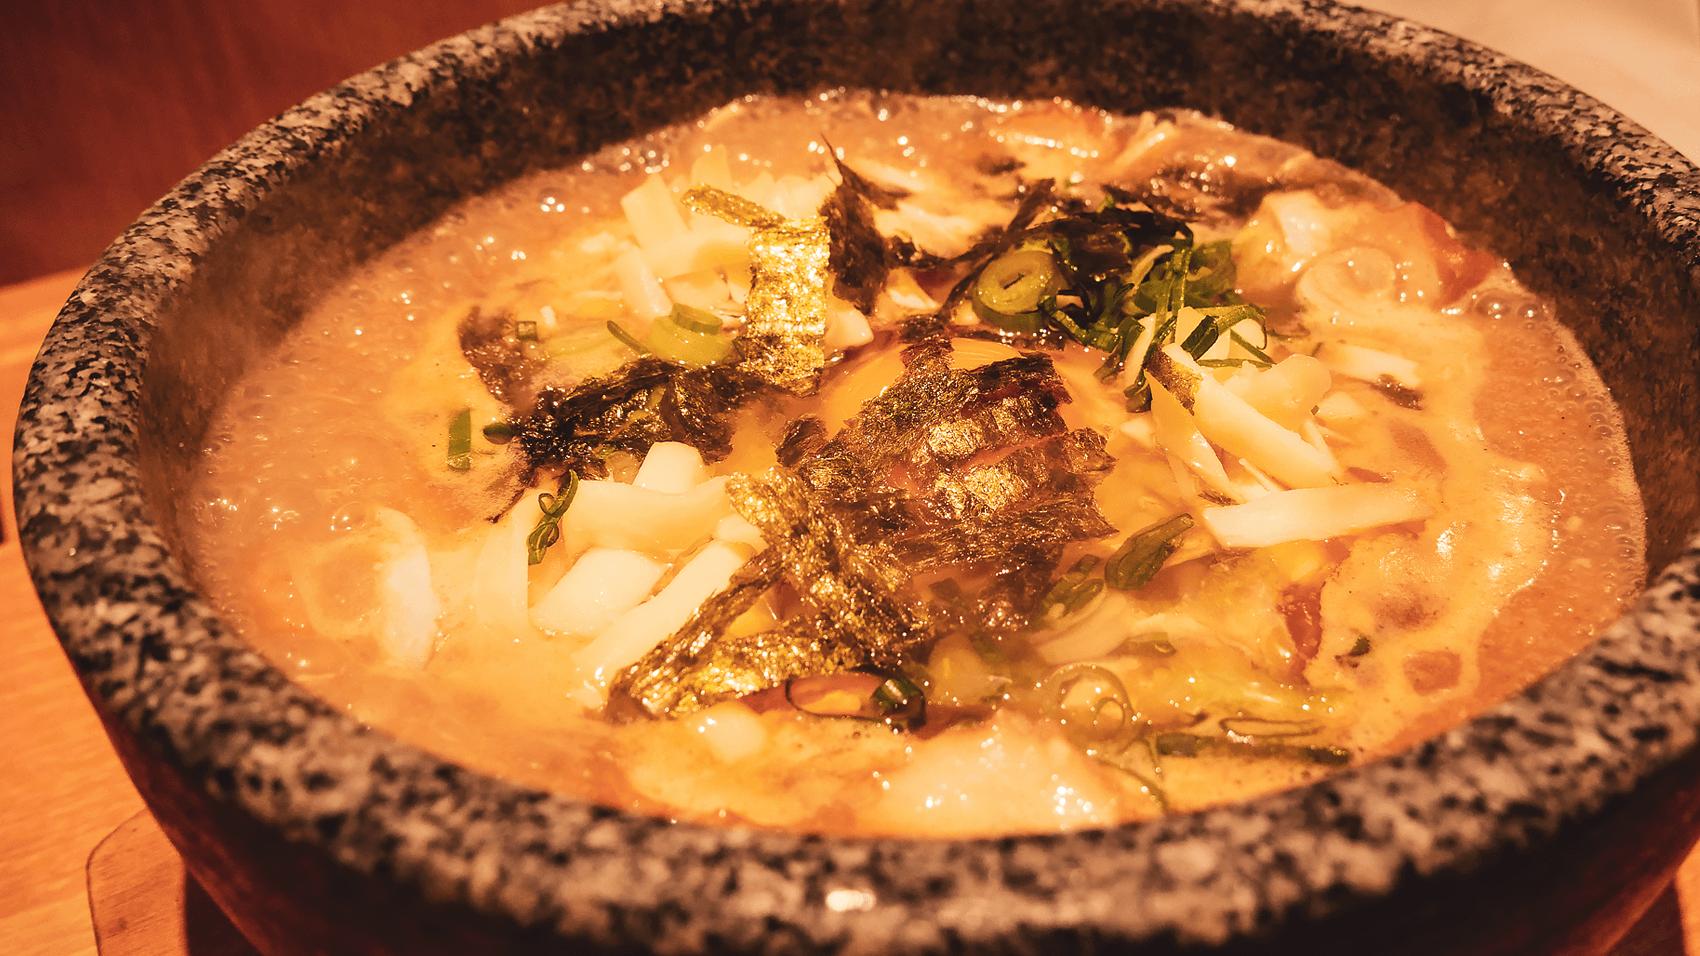 長居のカレーうどん専門店「たちばな」にて石鍋カレーうどんを食す